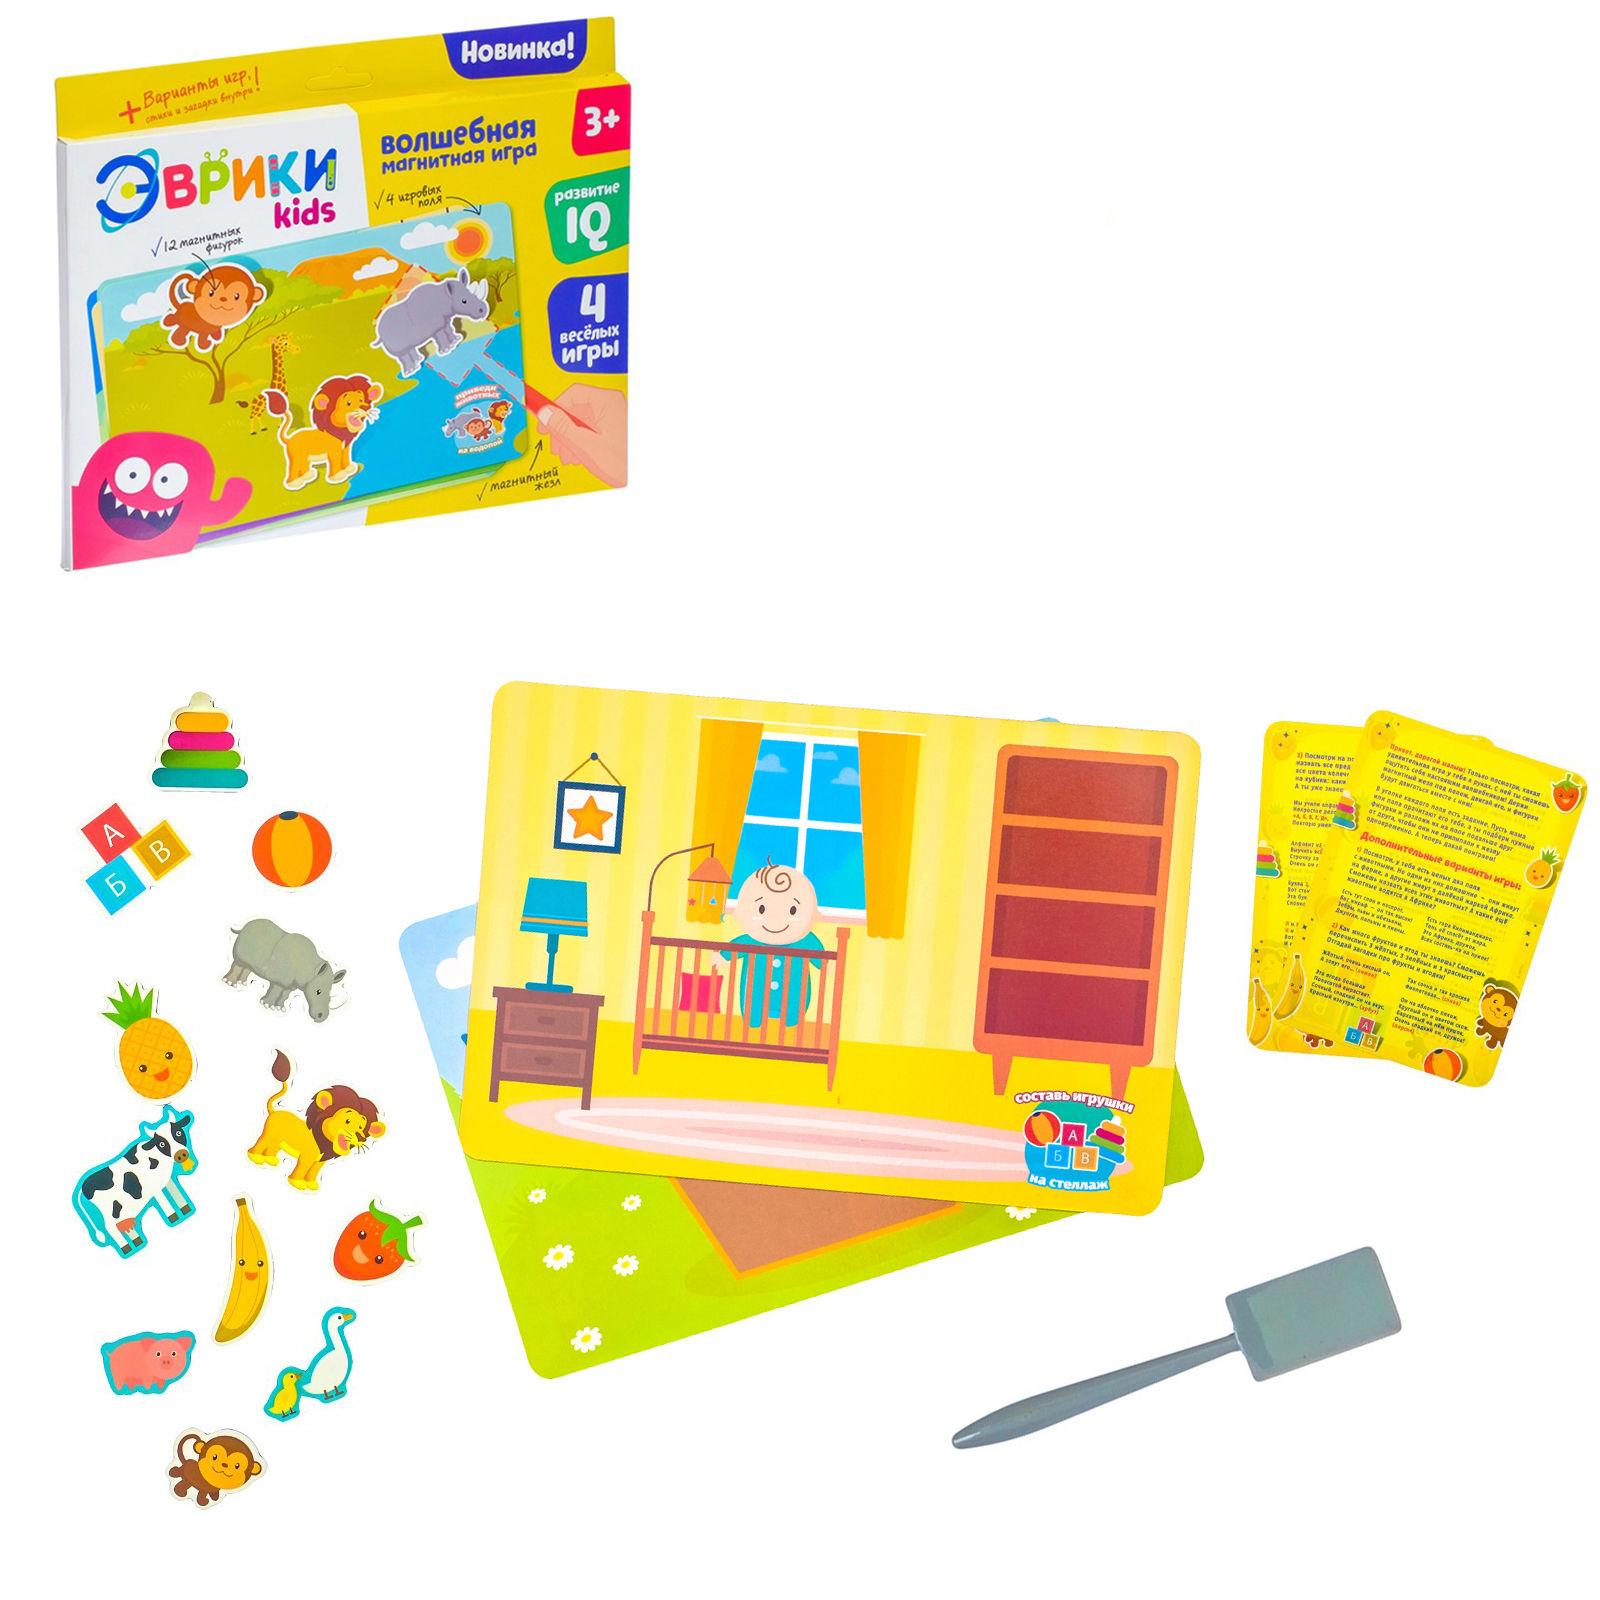 Волшебная магнитная игра «Животные и игрушки»